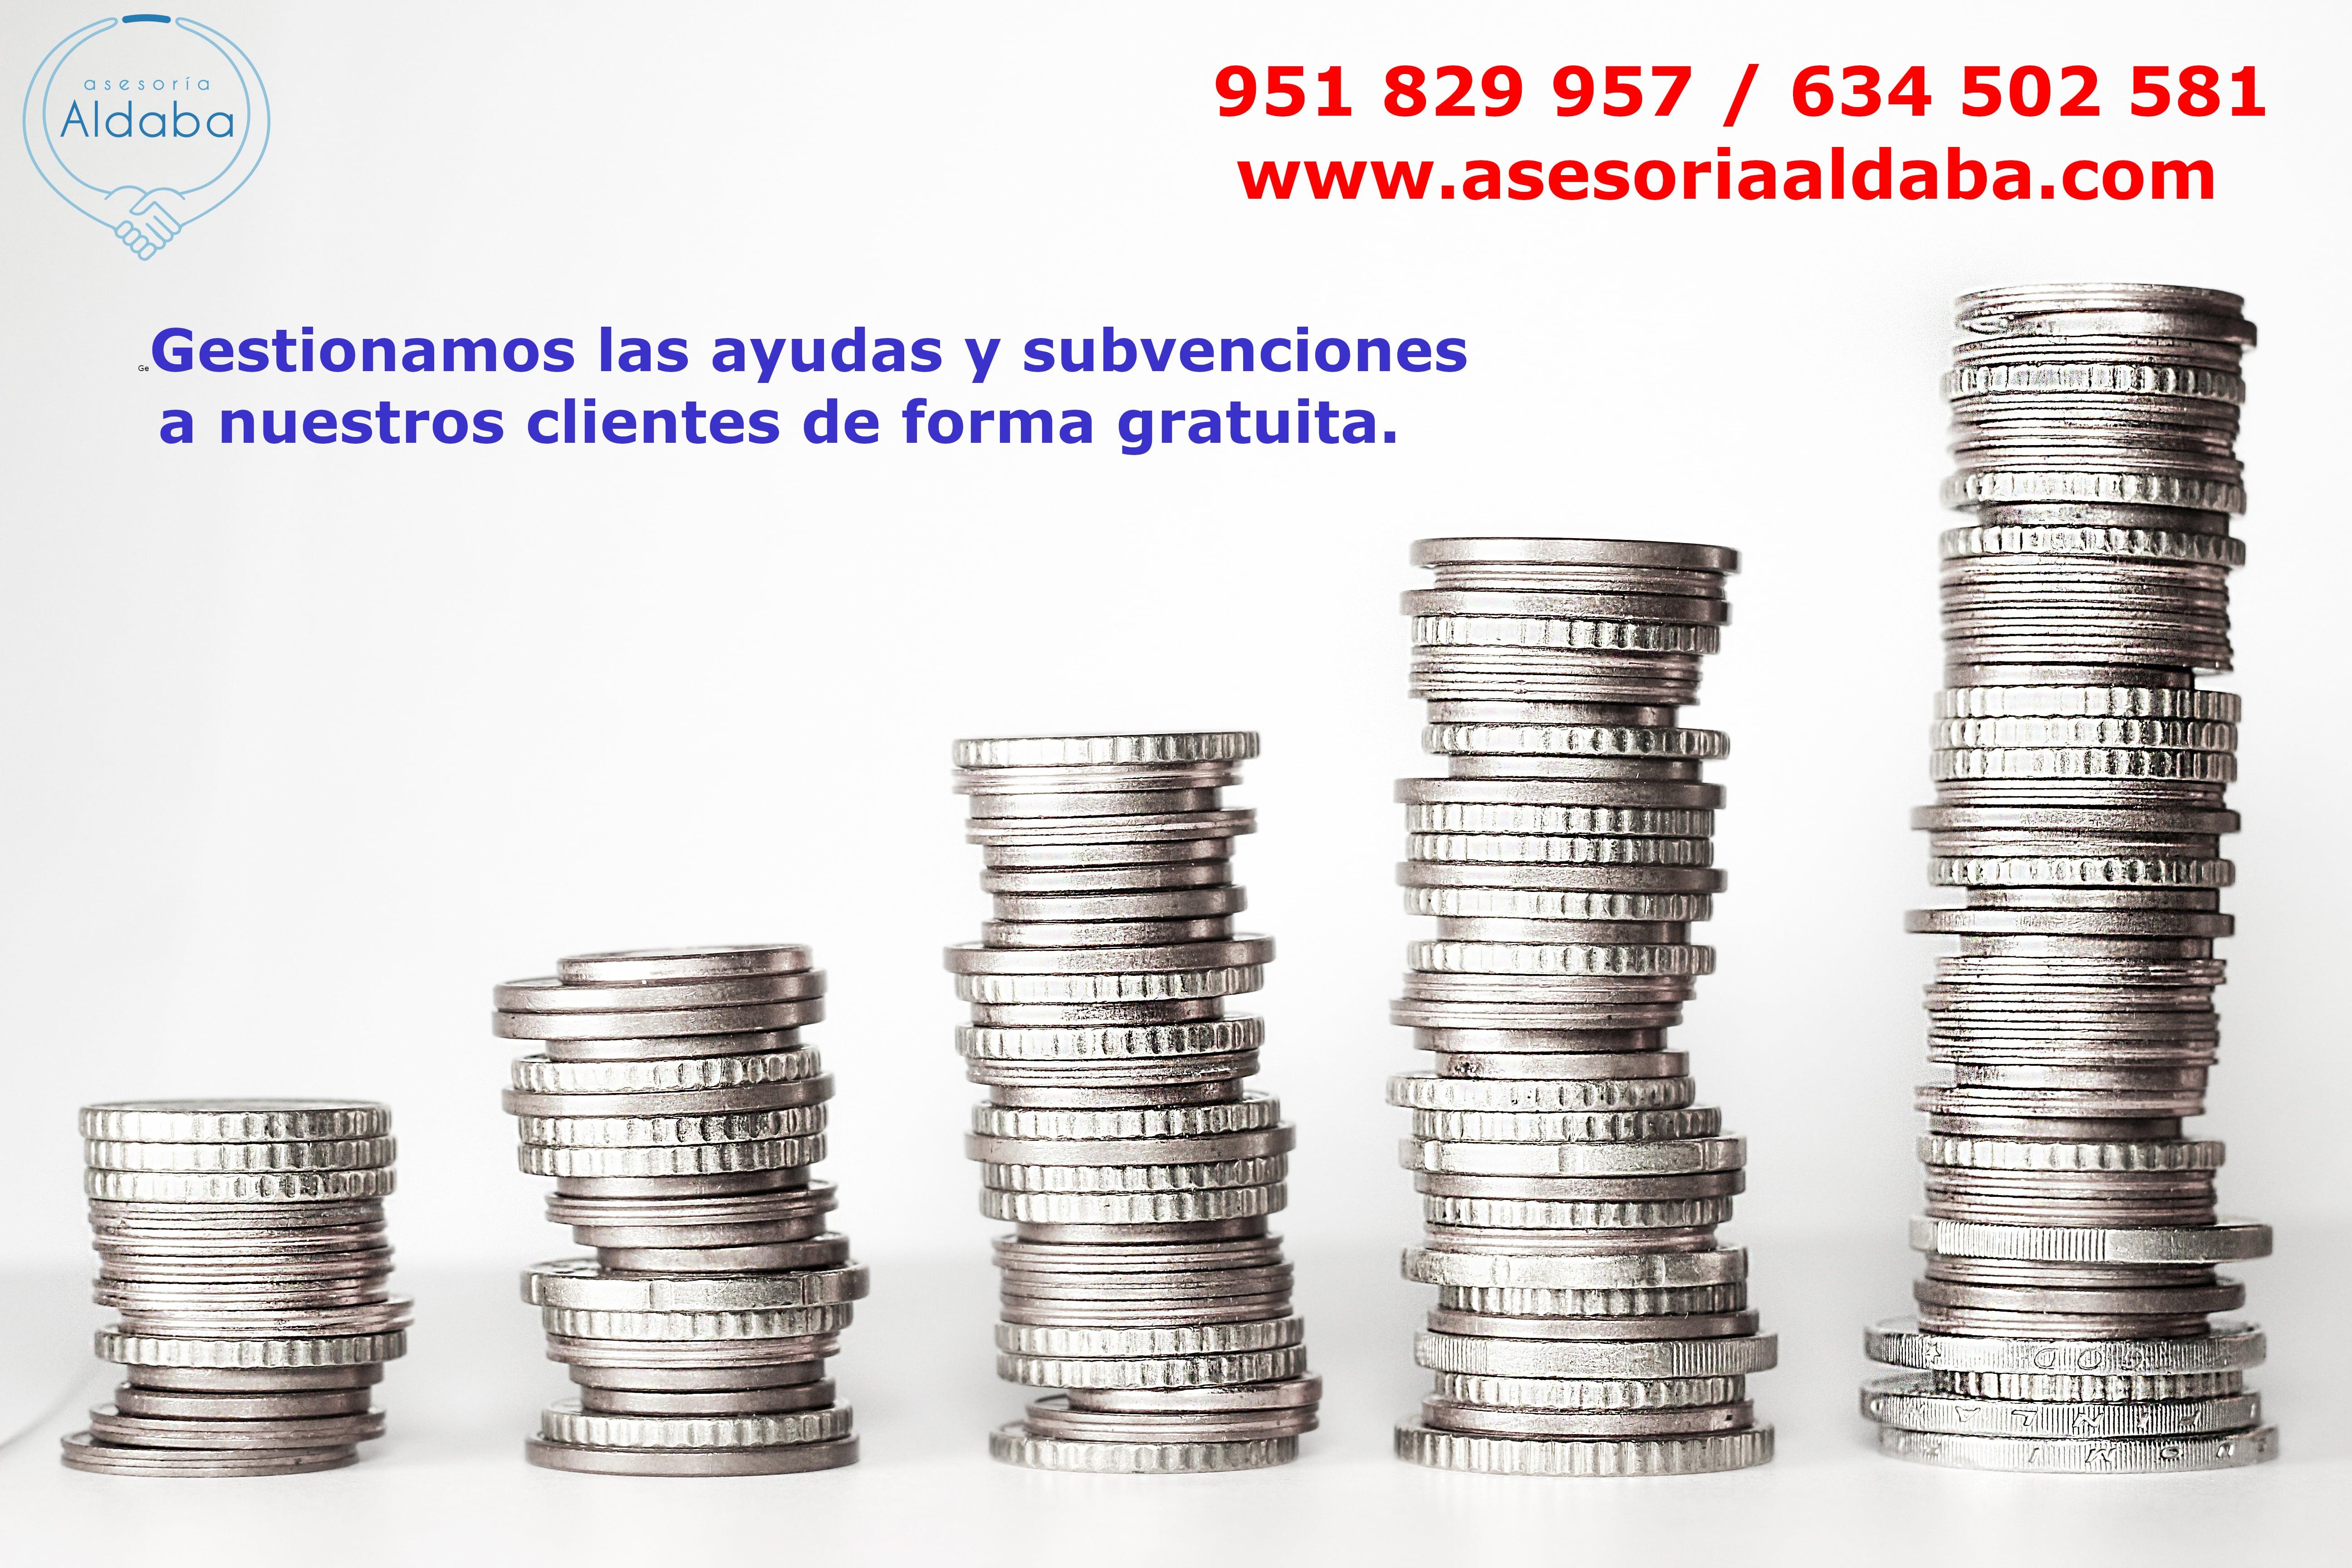 Subvenciones Asesoría Aldaba